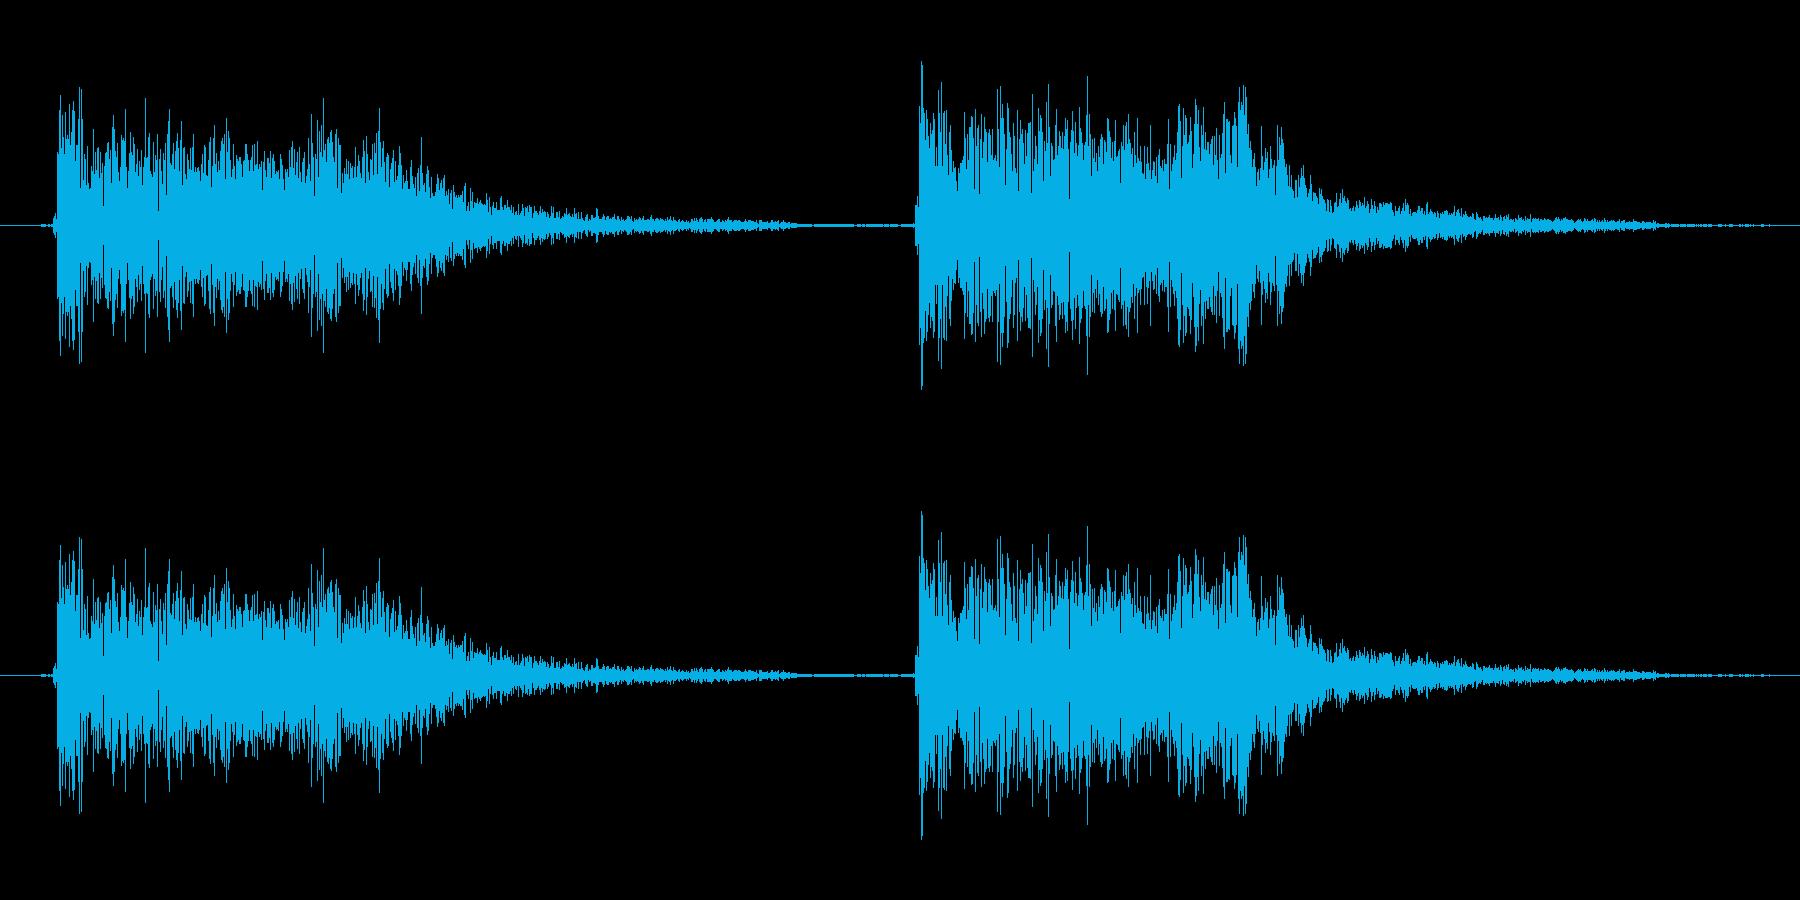 「ジャ ジャン(結果発表系)」の再生済みの波形